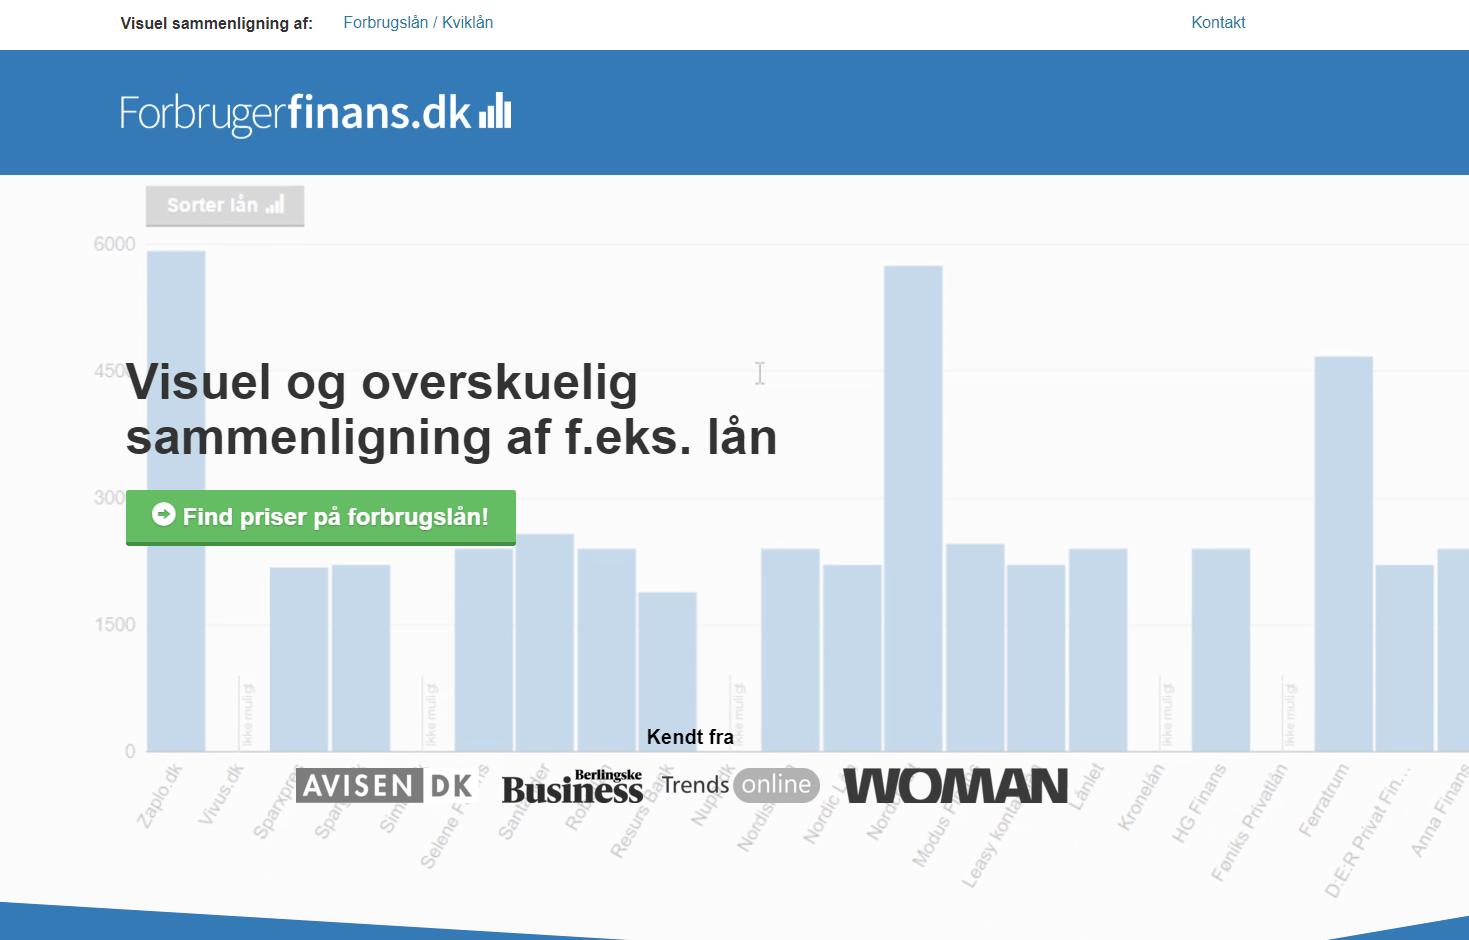 Forbrugerfinans.dk